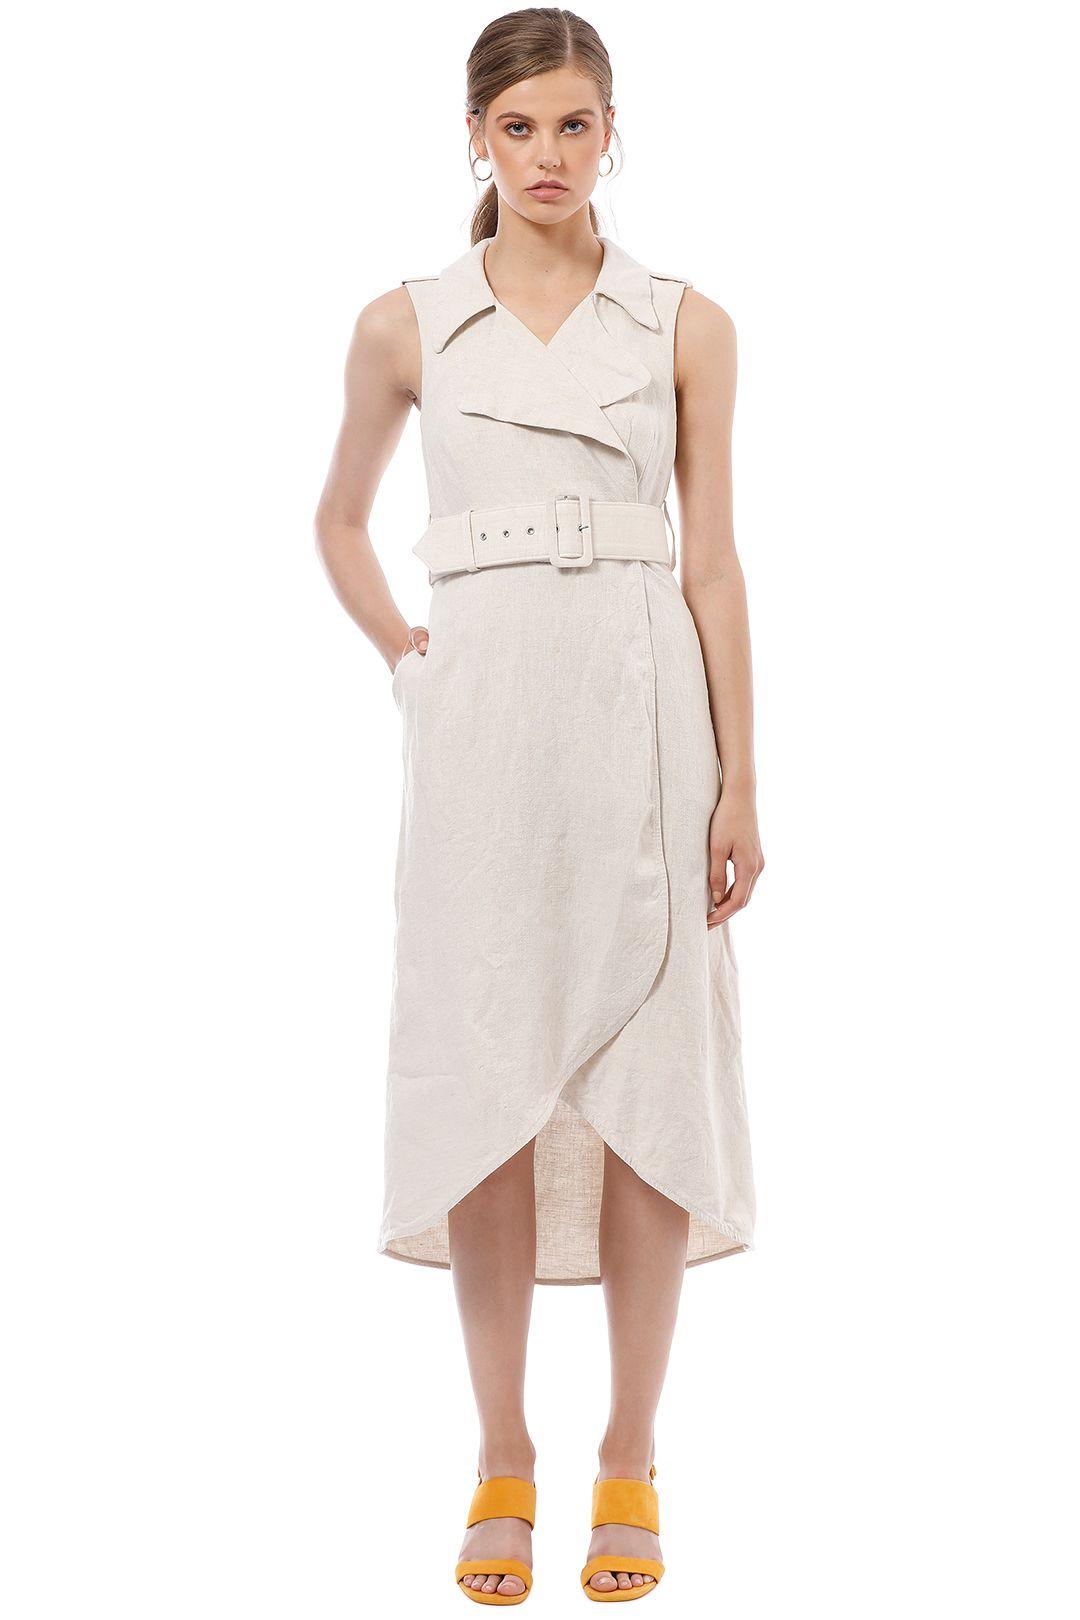 Shona Joy - Atticus Linen Sleeveless Trench Midi Dress - Cream - Front